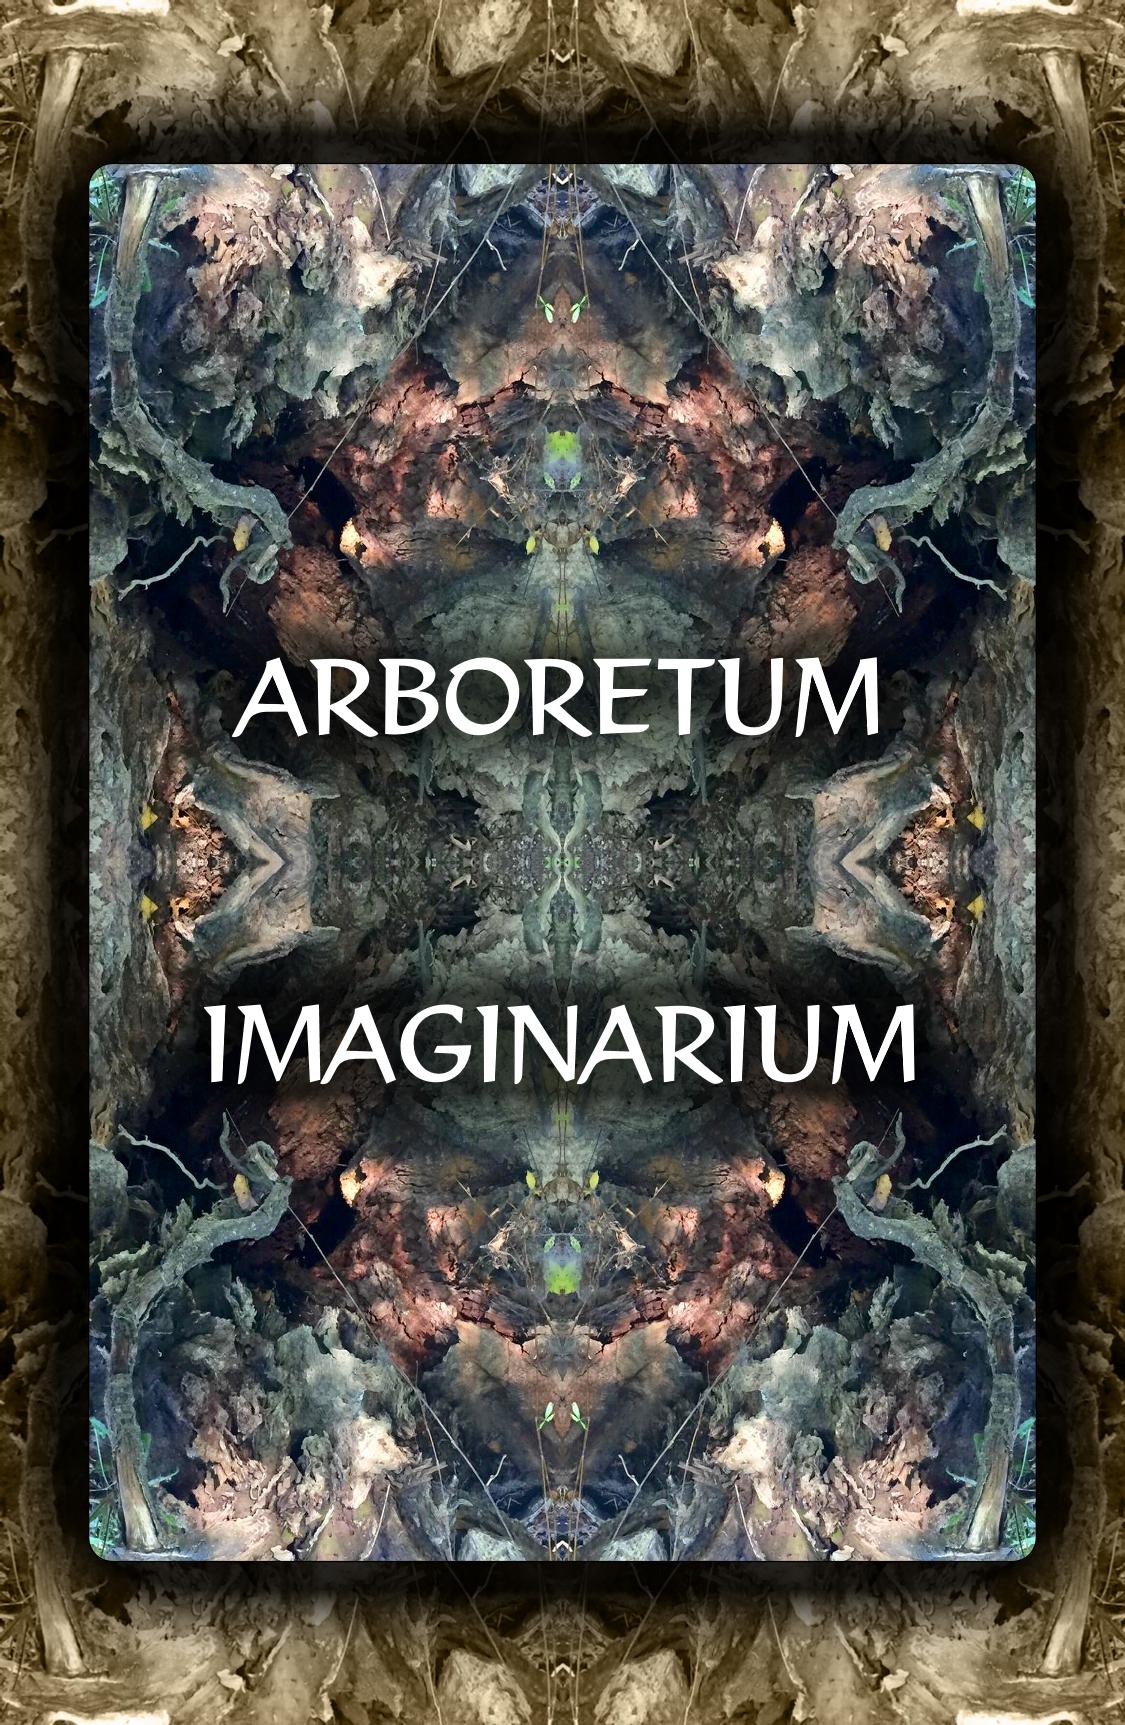 Arboretum Imaginarium